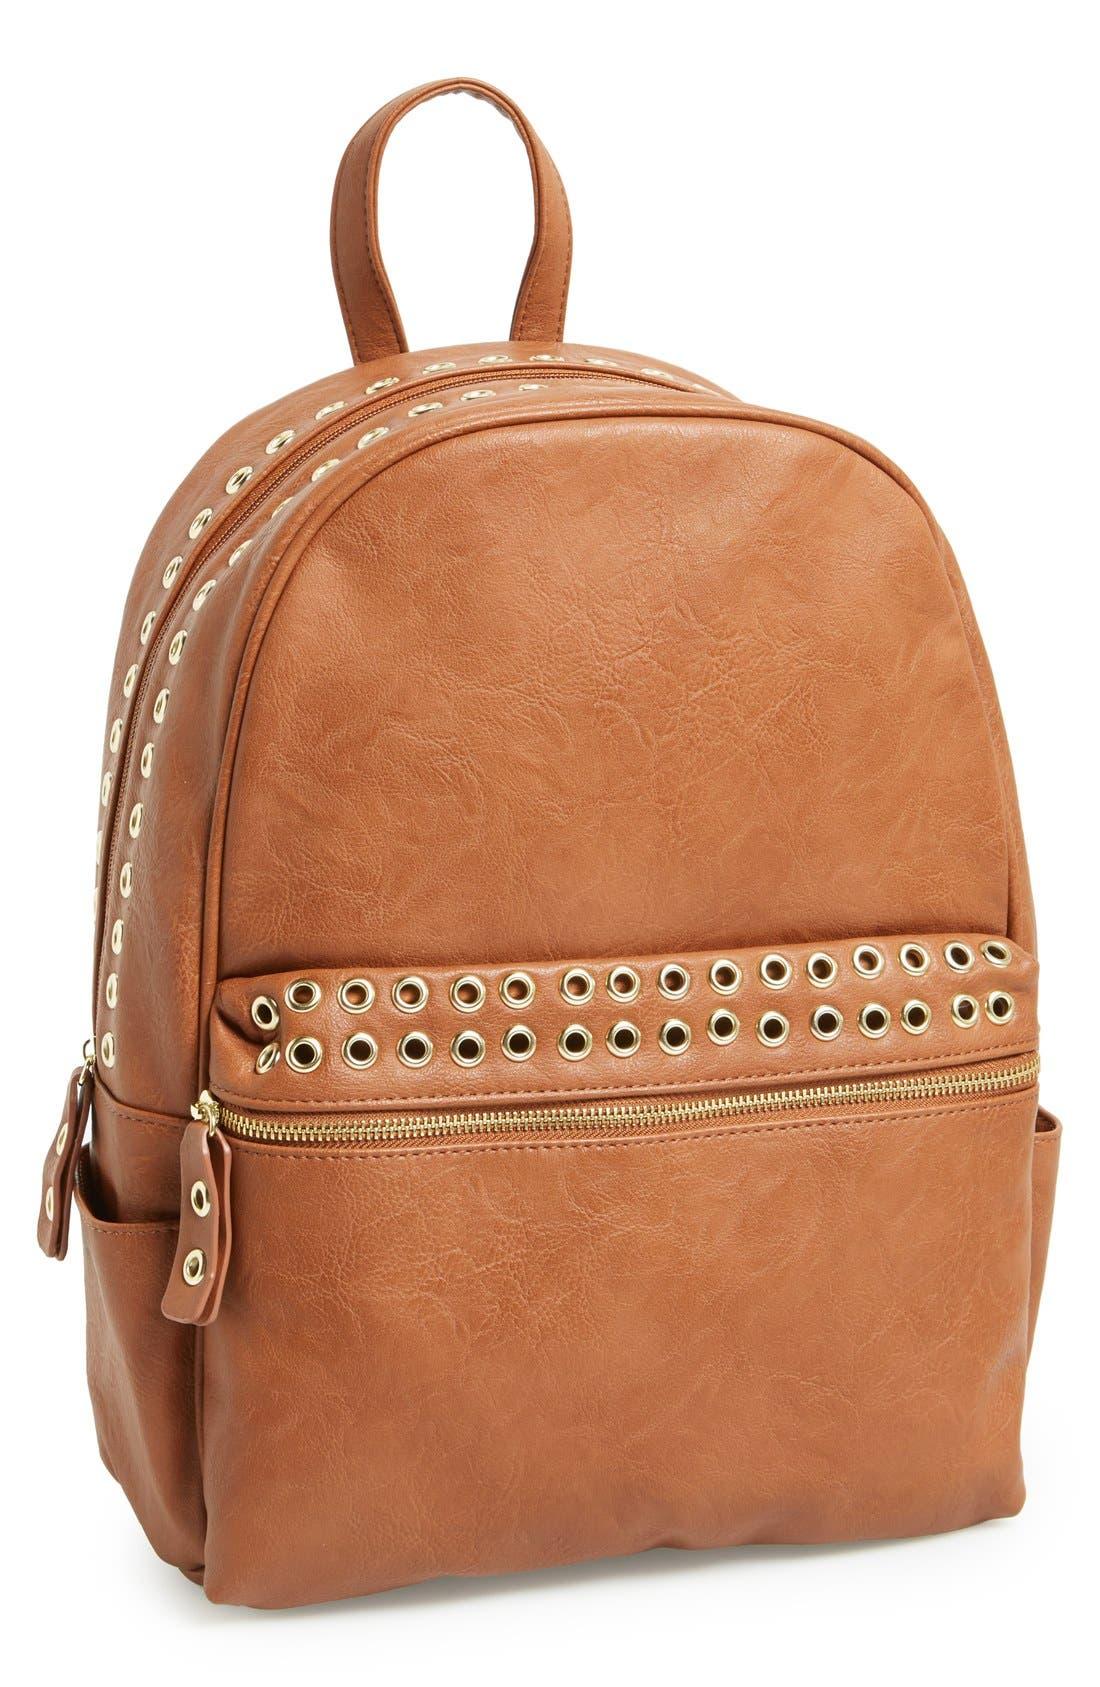 Alternate Image 1 Selected - Steve Madden Grommet Backpack